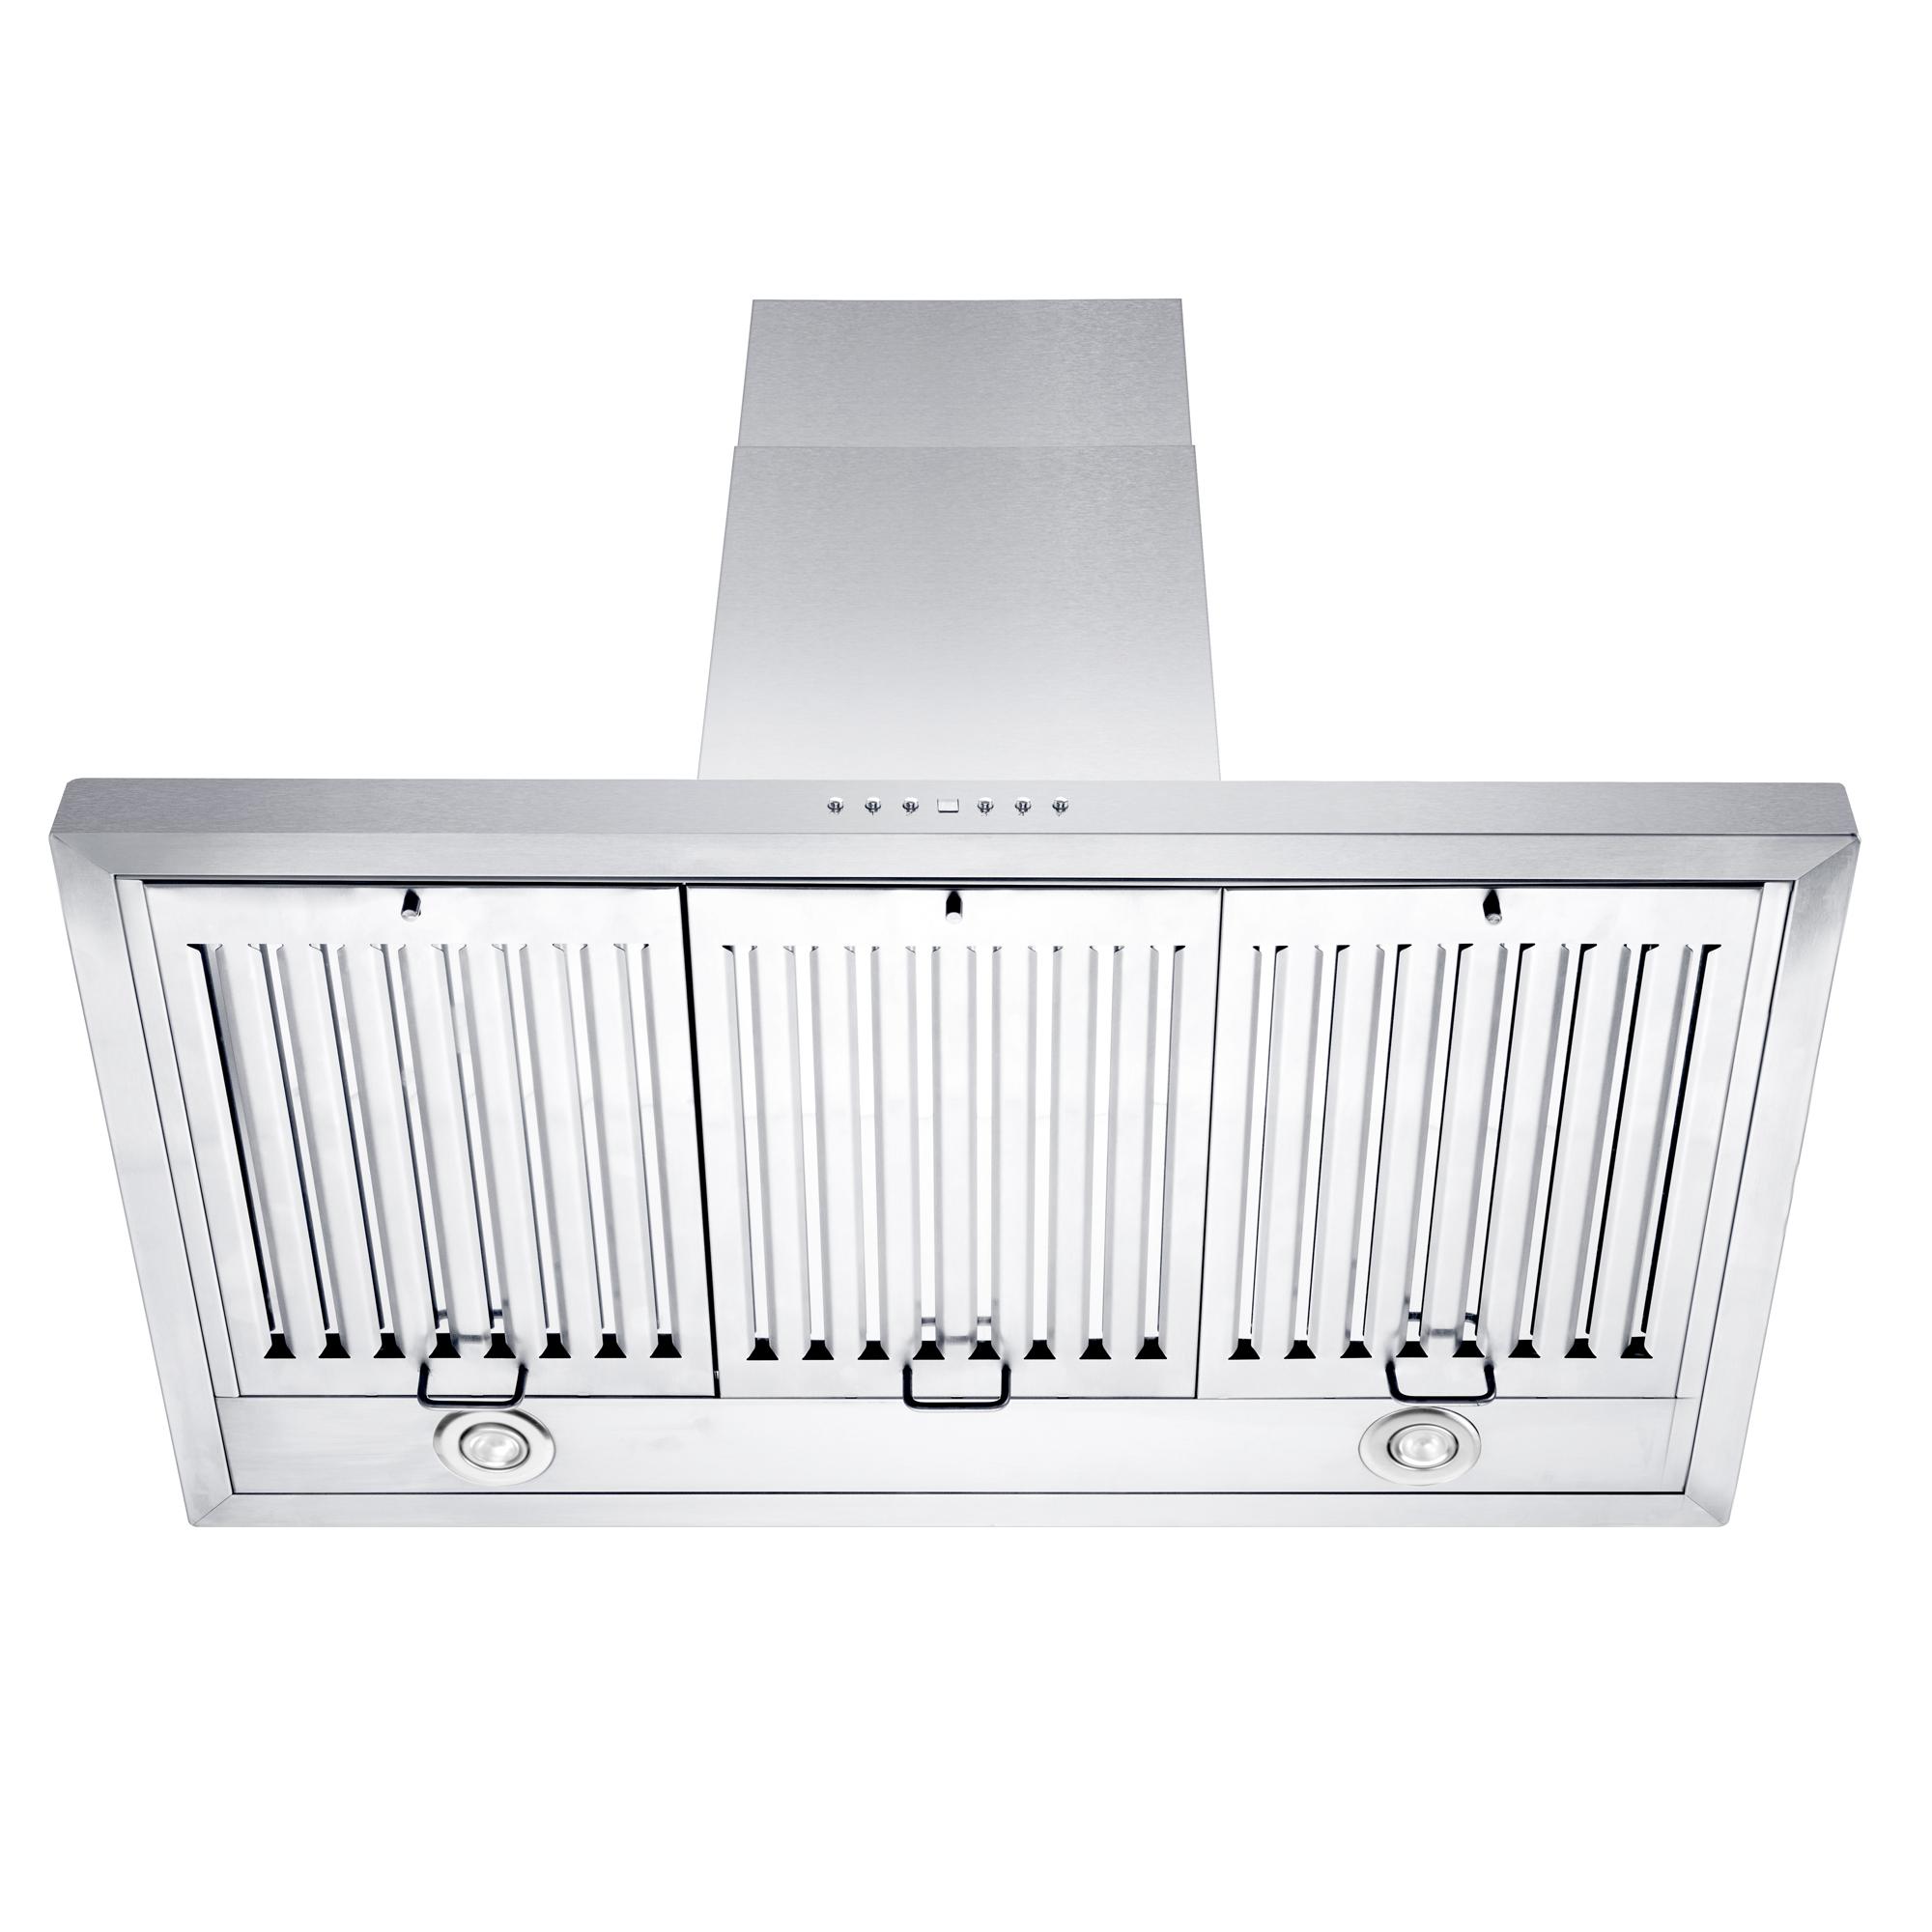 zline-stainless-steel-wall-mounted-range-hood-KL3-new-bottom.jpg